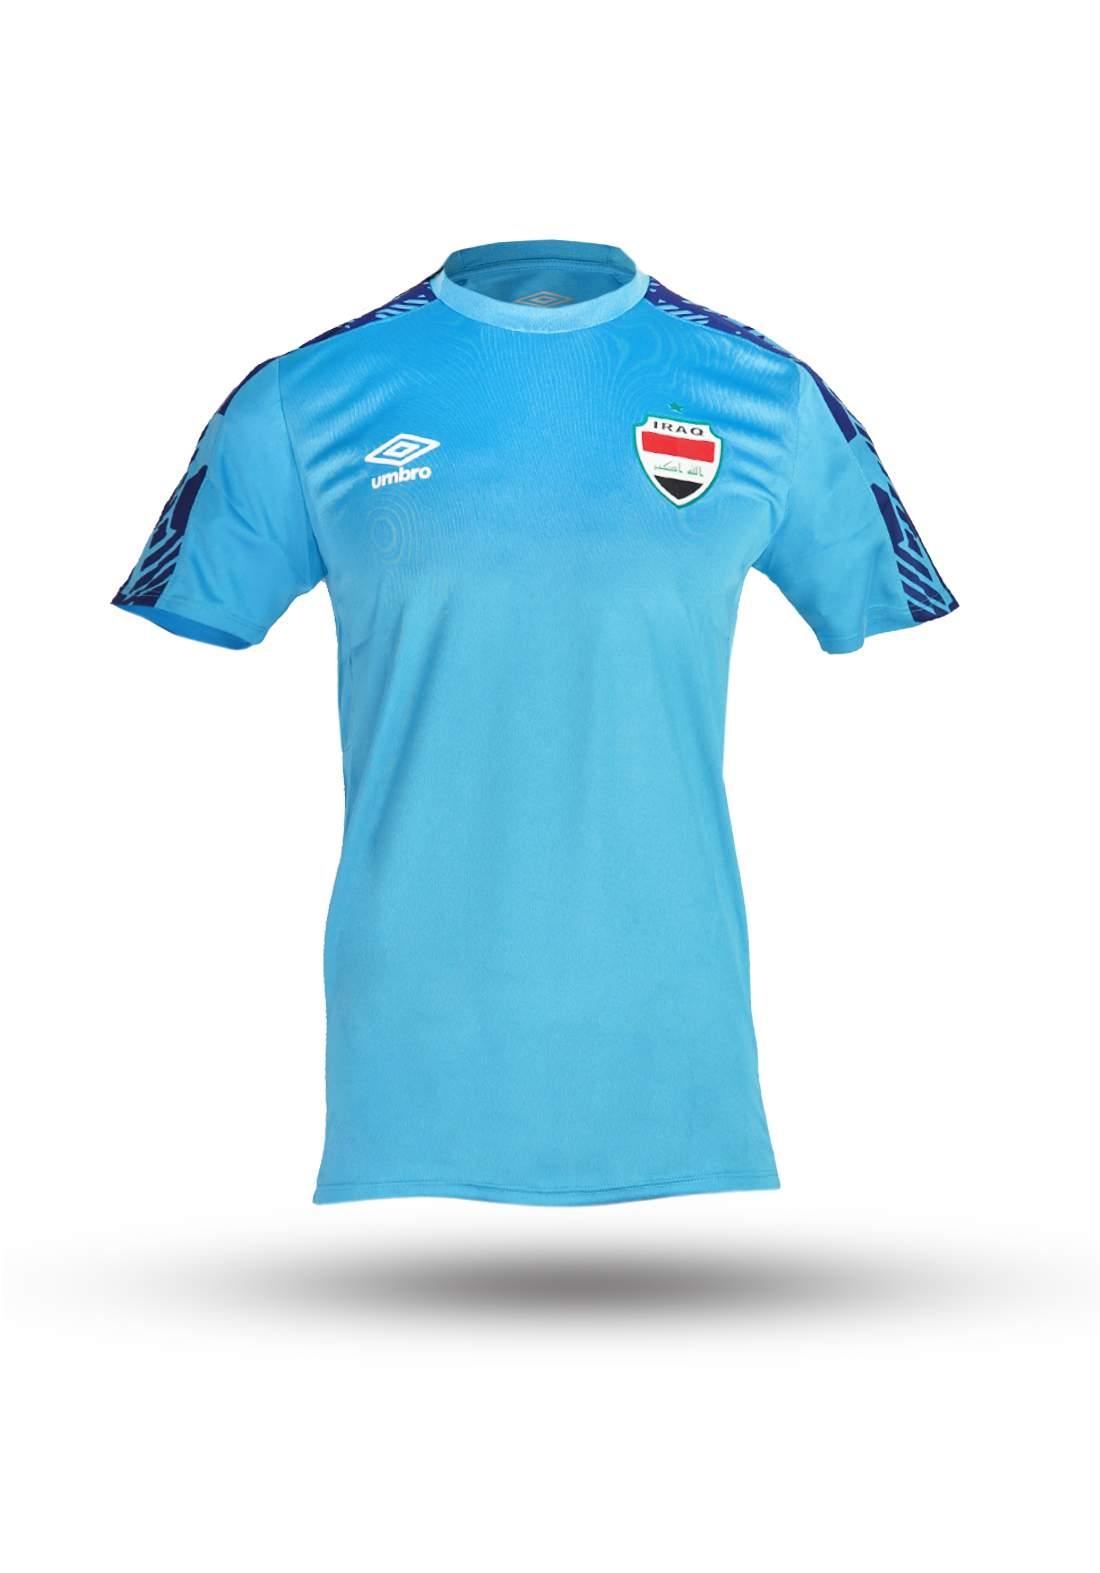 دريس رياضي رجالي منتخب العراق سمائي اللون من  umbro